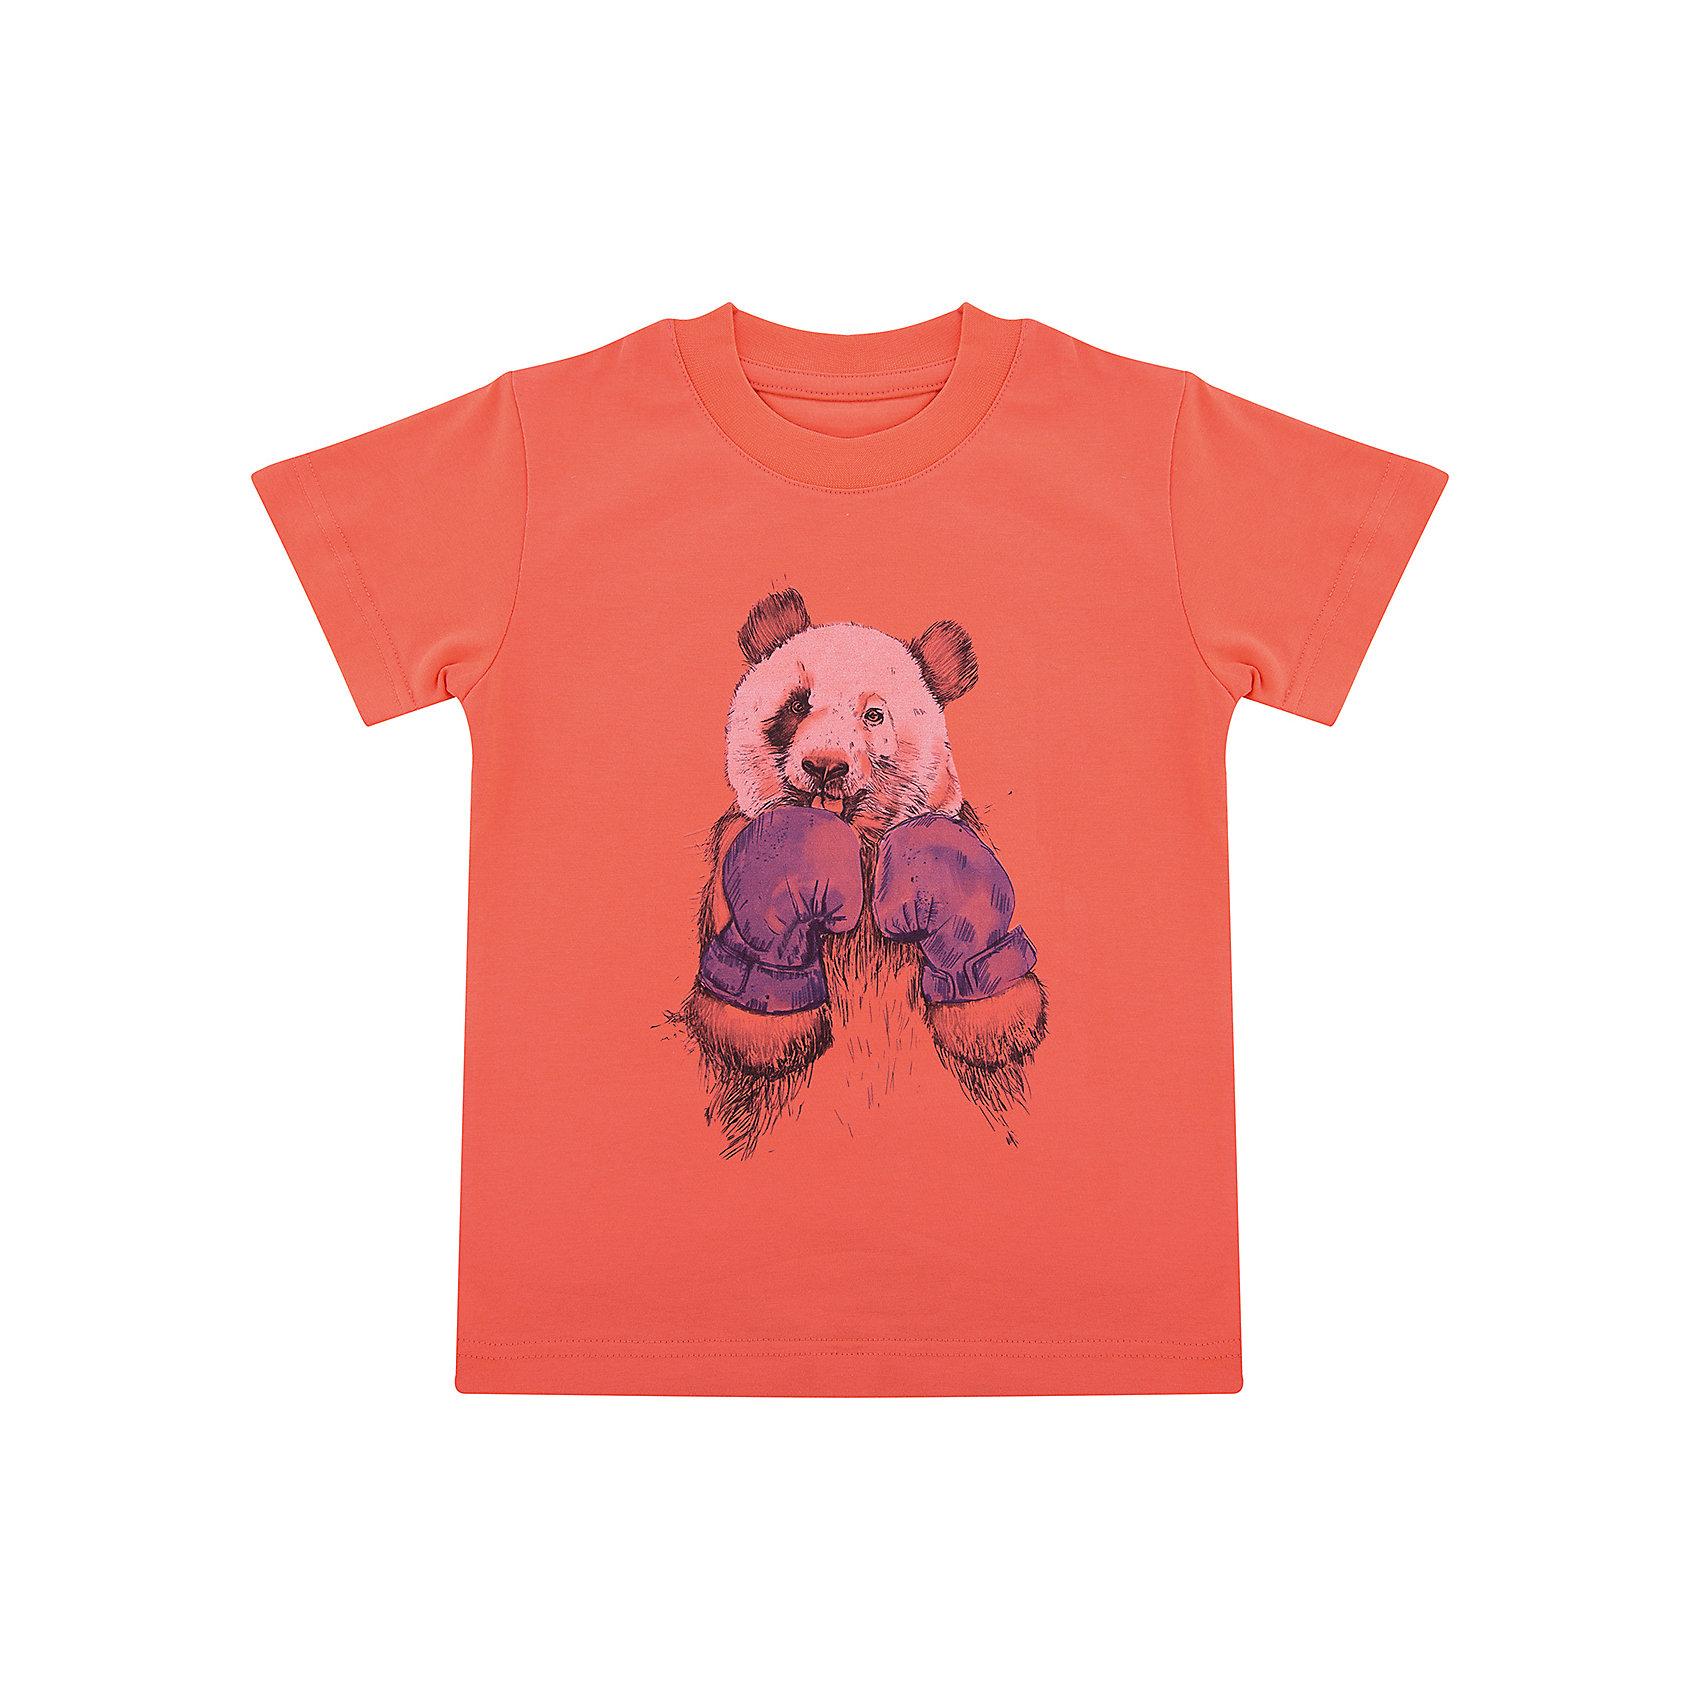 Футболка для мальчика WOWФутболки, поло и топы<br>Футболка для мальчика WOW<br>Незаменимой вещью в  гардеробе послужит футболка с коротким рукавом. Стильная и в тоже время комфортная модель, с яркой оригинальной печатью, будет превосходно смотреться на ребенке.<br>Состав:<br>кулирная гладь 100% хлопок<br><br>Ширина мм: 199<br>Глубина мм: 10<br>Высота мм: 161<br>Вес г: 151<br>Цвет: оранжевый<br>Возраст от месяцев: 60<br>Возраст до месяцев: 72<br>Пол: Мужской<br>Возраст: Детский<br>Размер: 116,122,98,104,110<br>SKU: 6871581